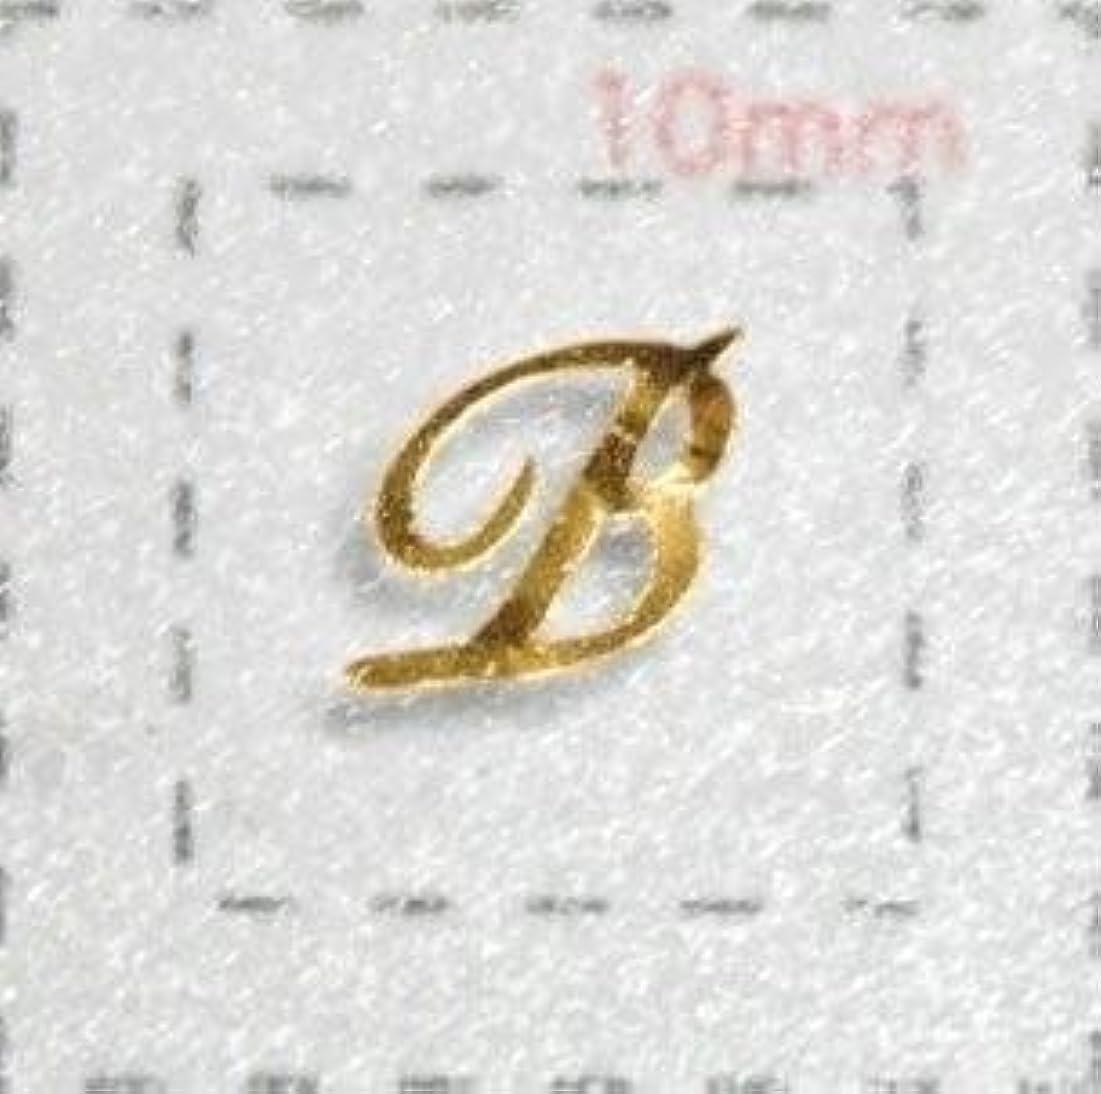 Nameネイルシール【アルファベット?イニシャル】大文字ゴールド( B )1シート9枚入